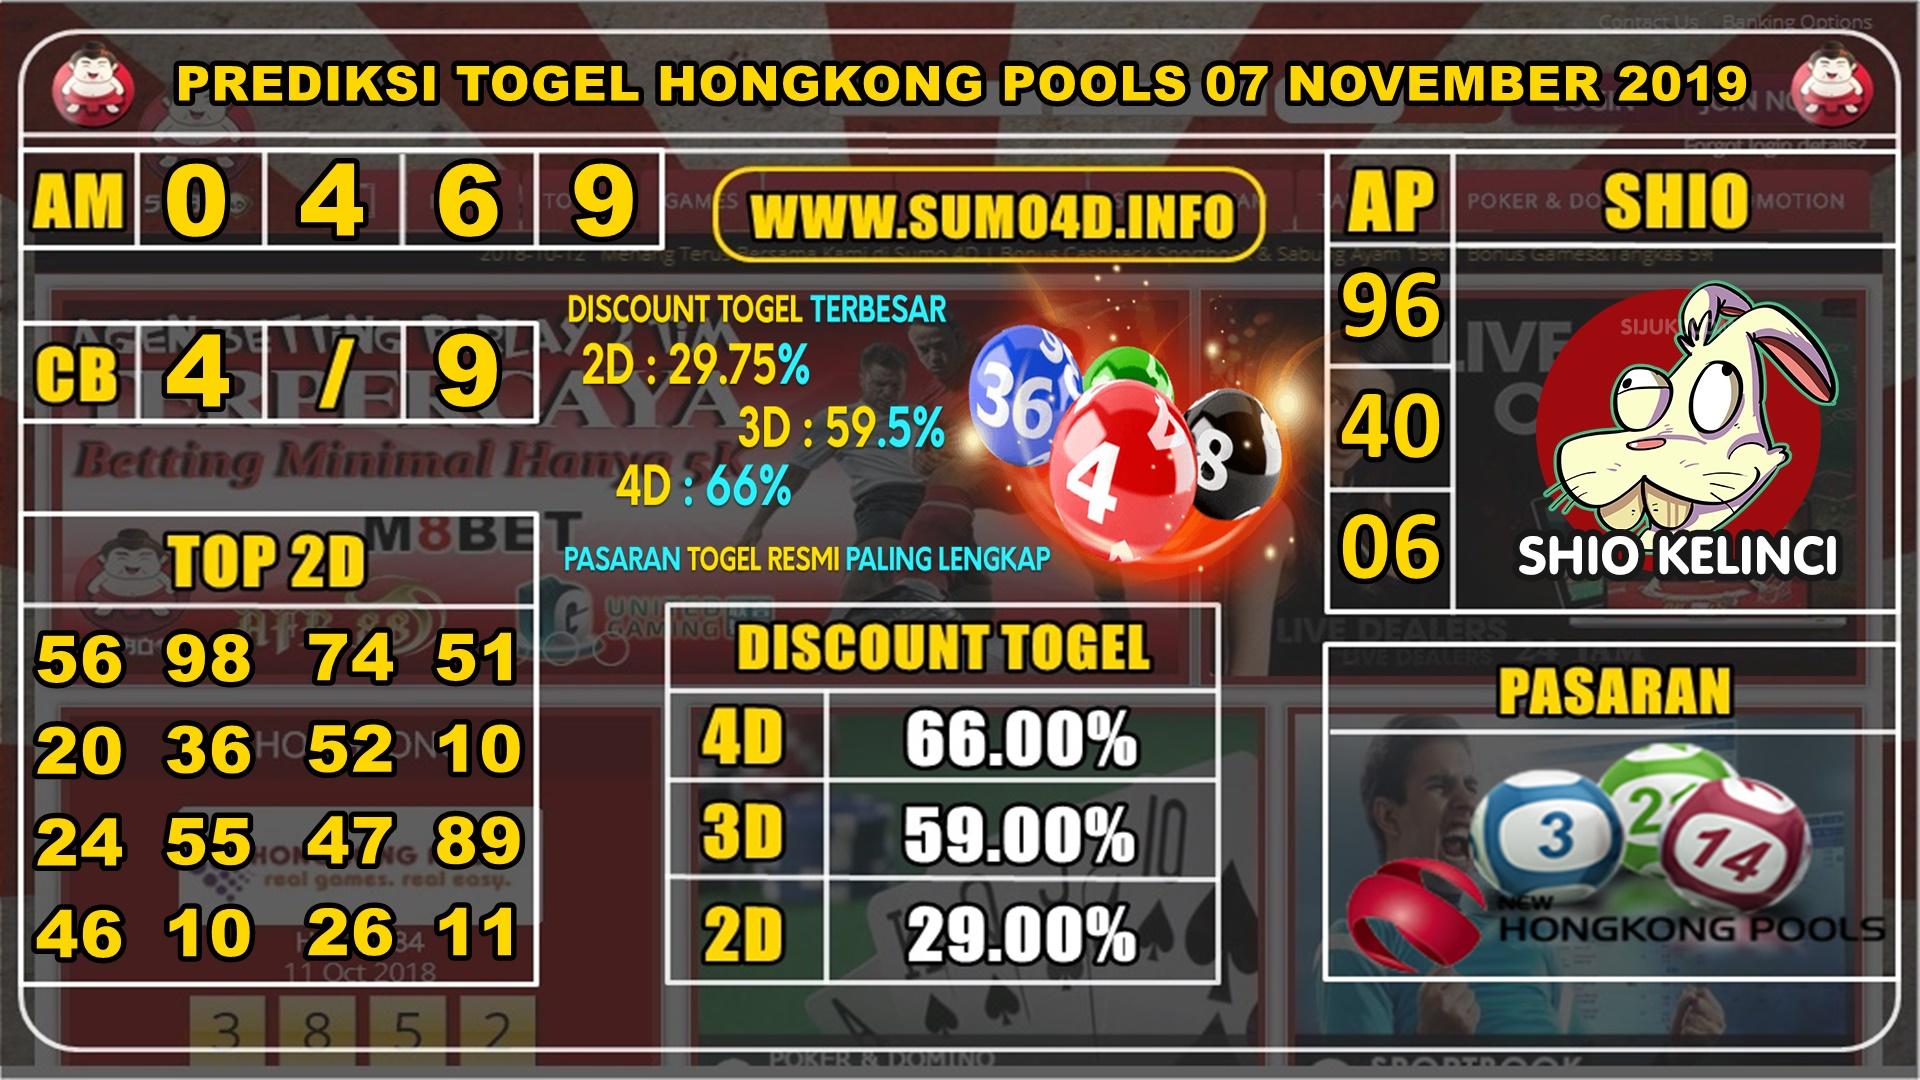 PREDIKSI TOGEL HONGKONG POOLS 07 NOVEMBER 2019